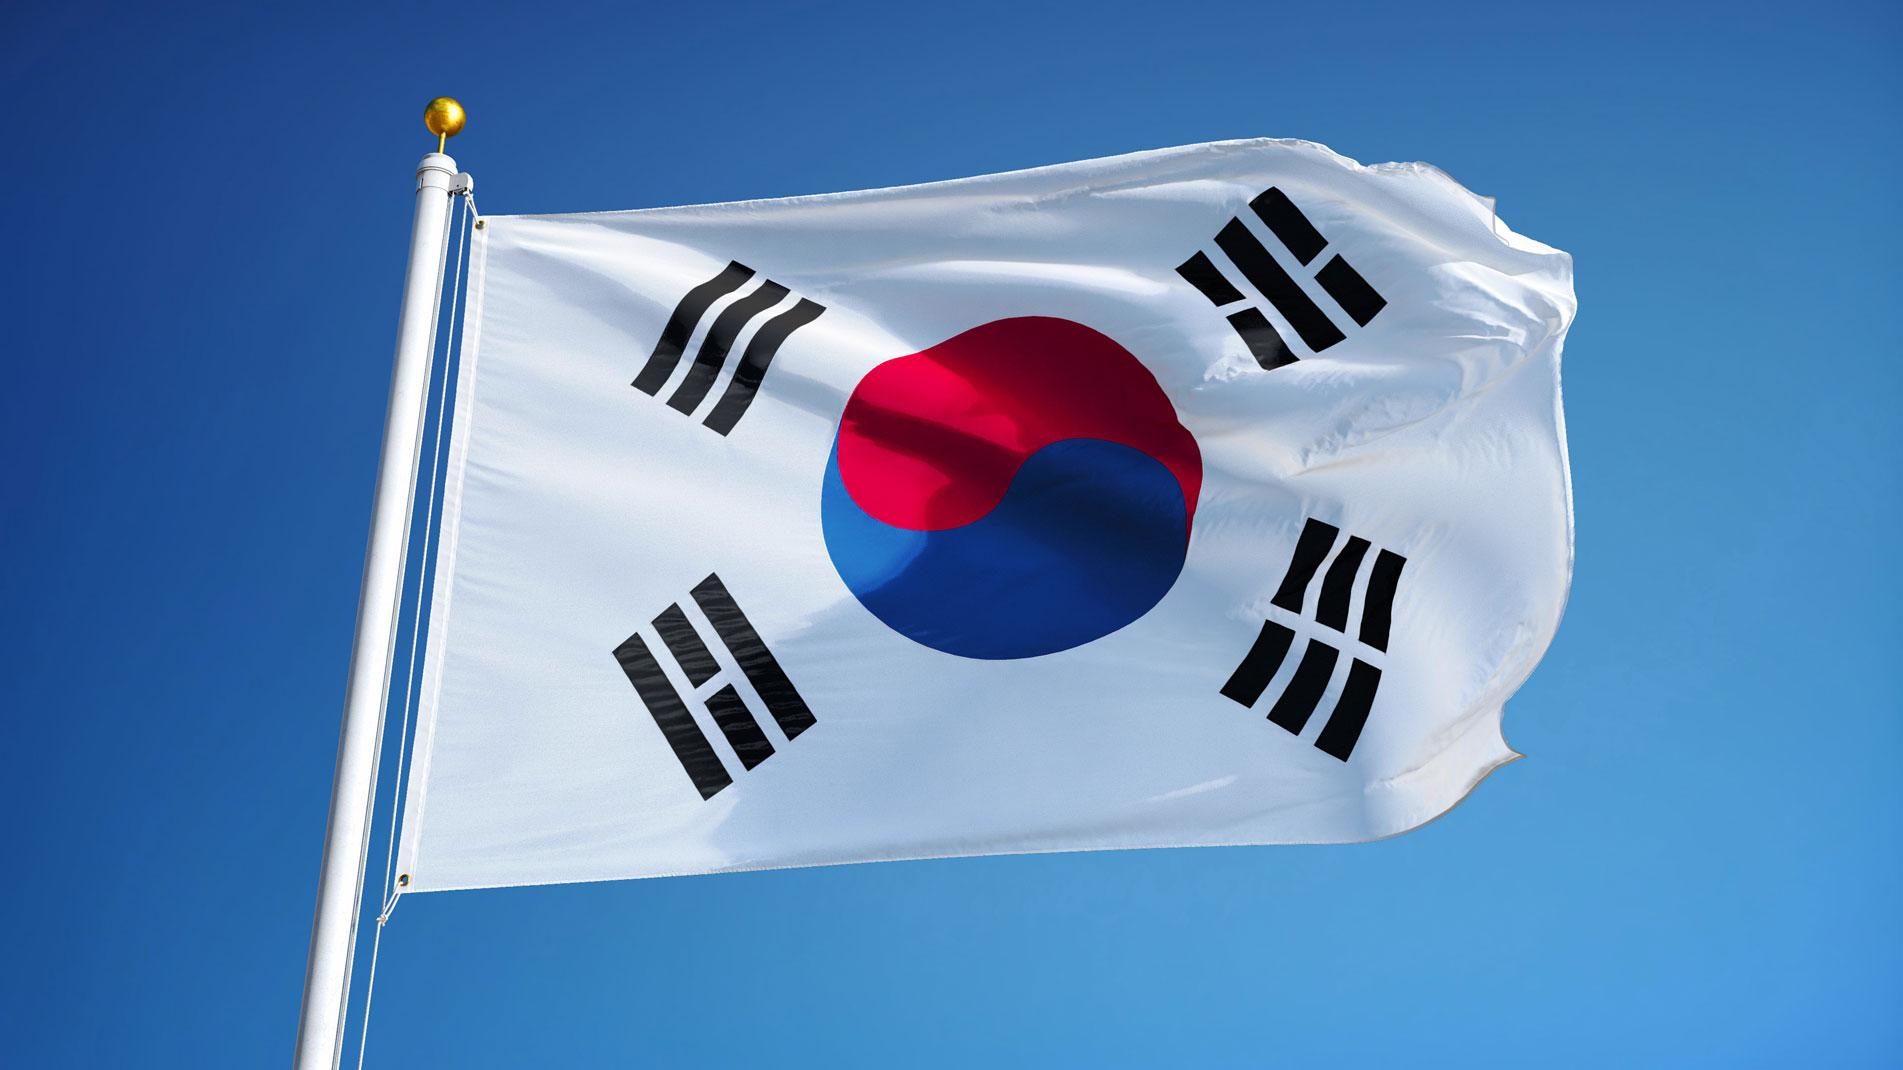 過勞到沒人性 南韓國會壓倒性通過 每周工時縮短至52小時